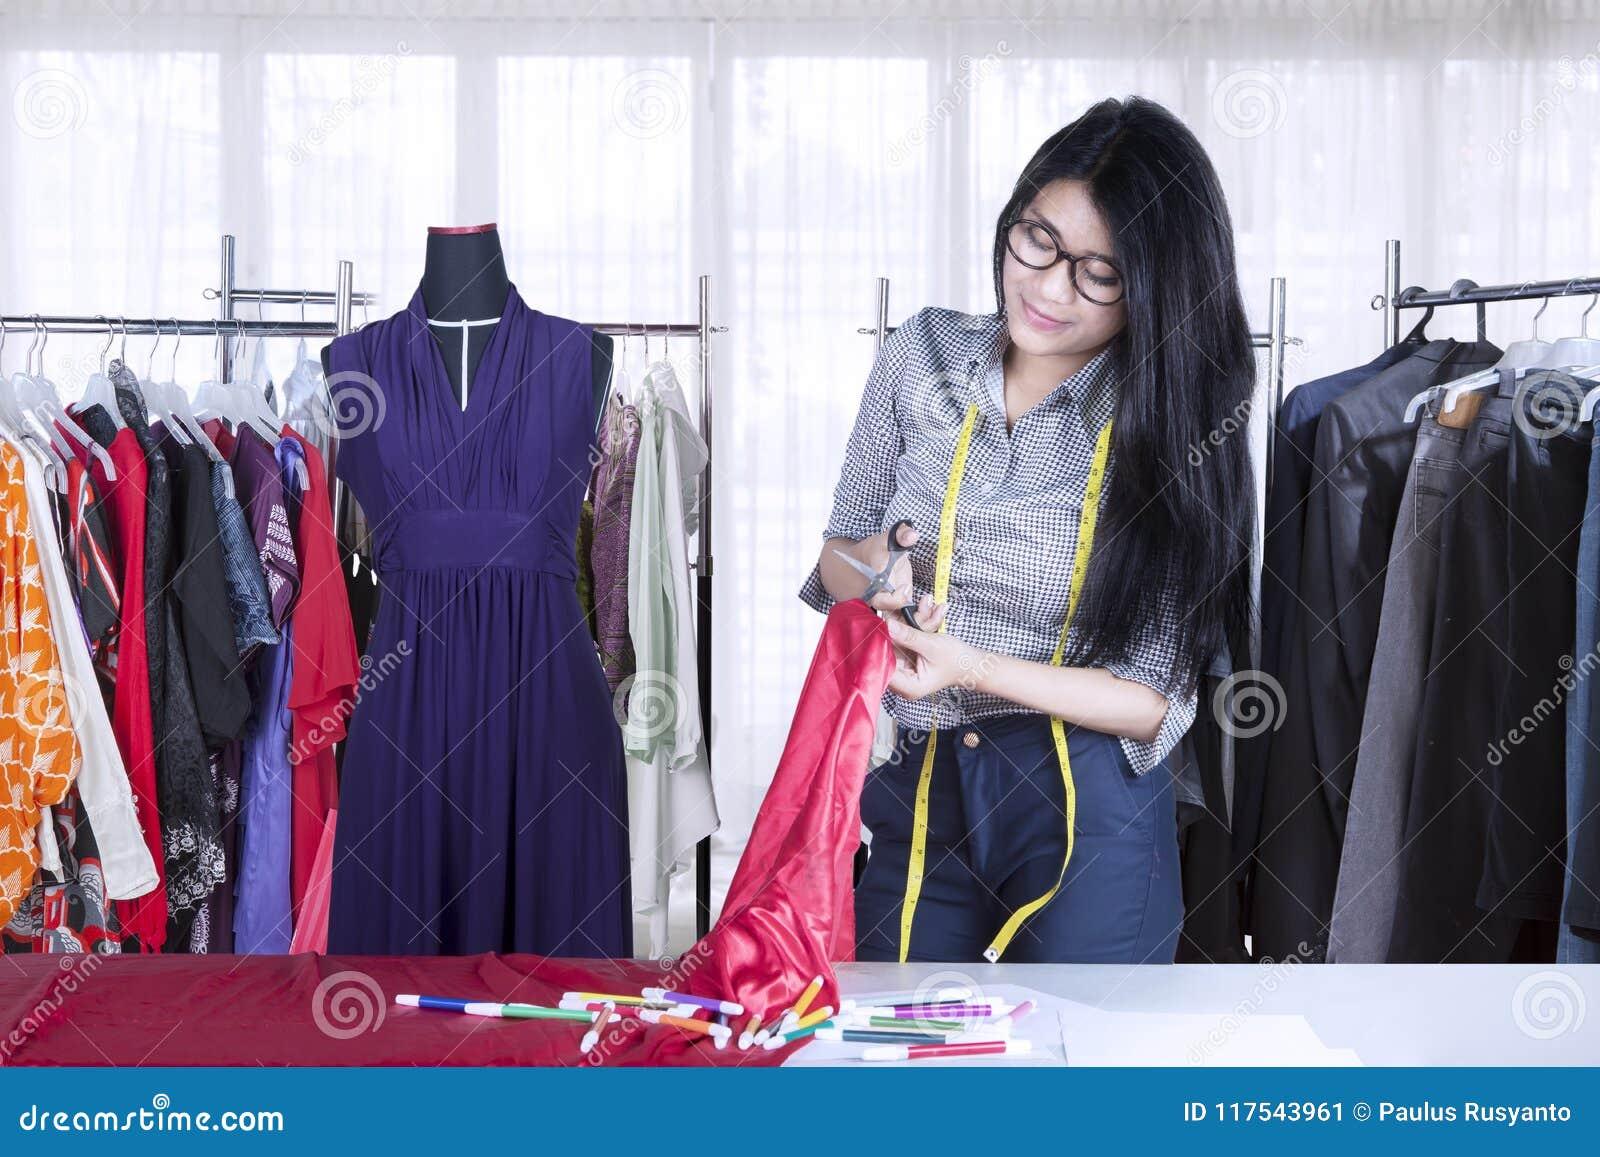 Costurera asiática que corta una tela en el lugar de trabajo